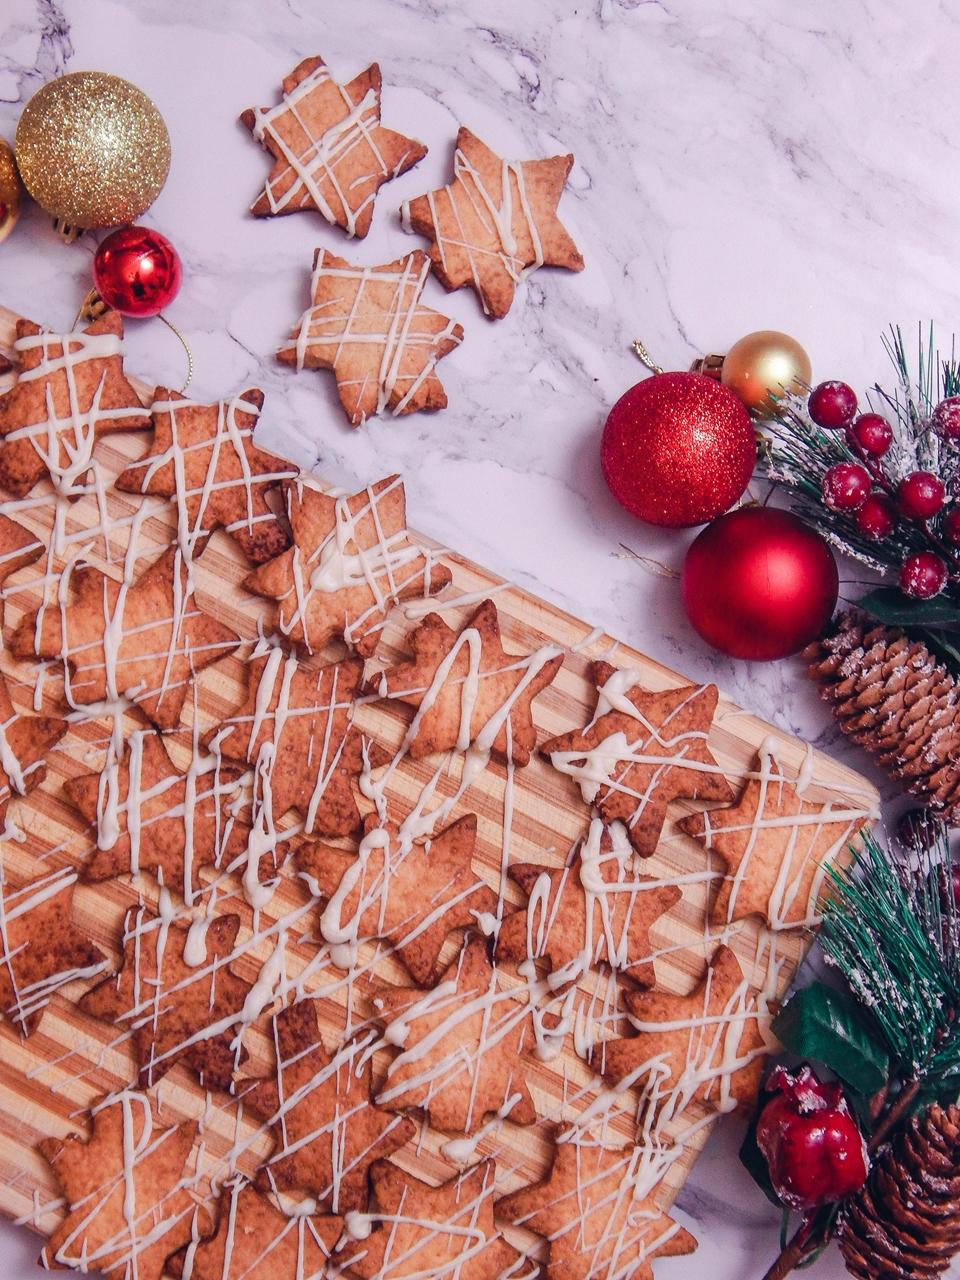 9 Pierniczki inaczej, prosty szybki, łatwy przepis na pierniki ciastka kruche, świąteczne ciastka, ciastka na choinkę jak zrobić pierniki ciastka gwiazdki, blog kulinarny łódź, lifestyle melodylaniella